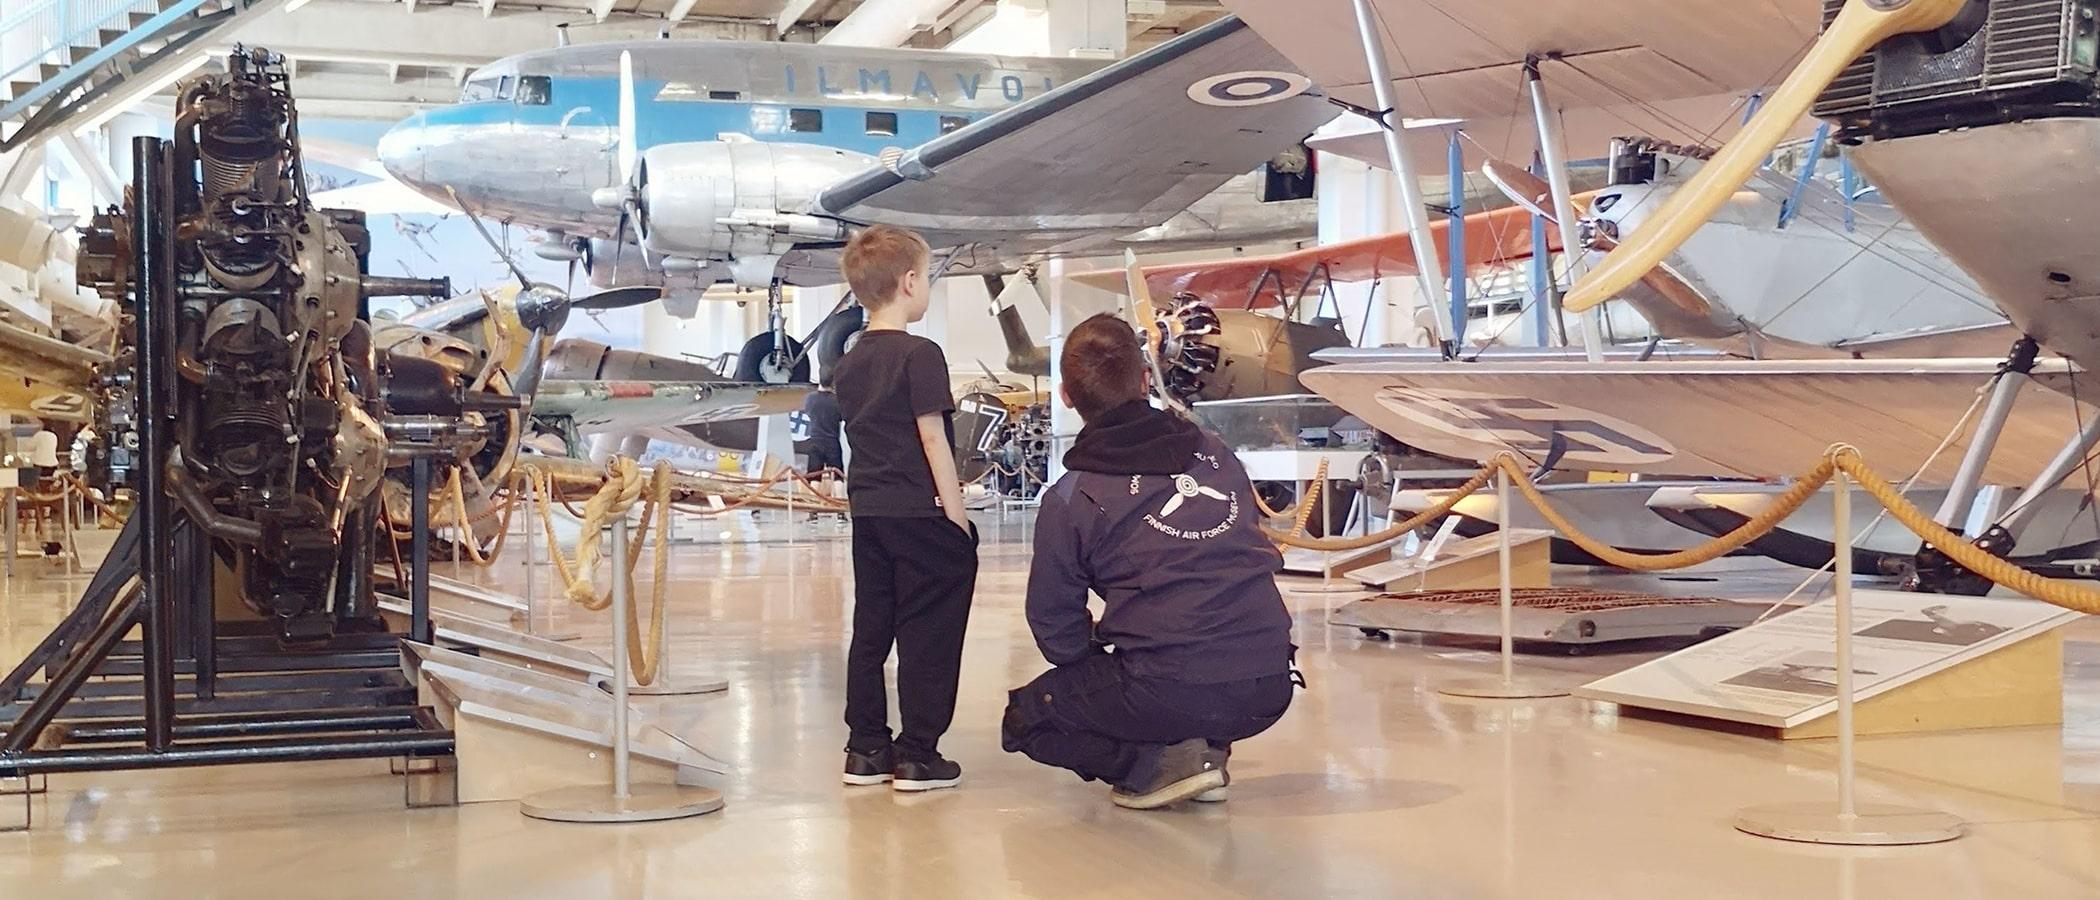 Lapsi ja aikuinen katsovat lentokonetta Suomen Ilmavoimamuseossa.